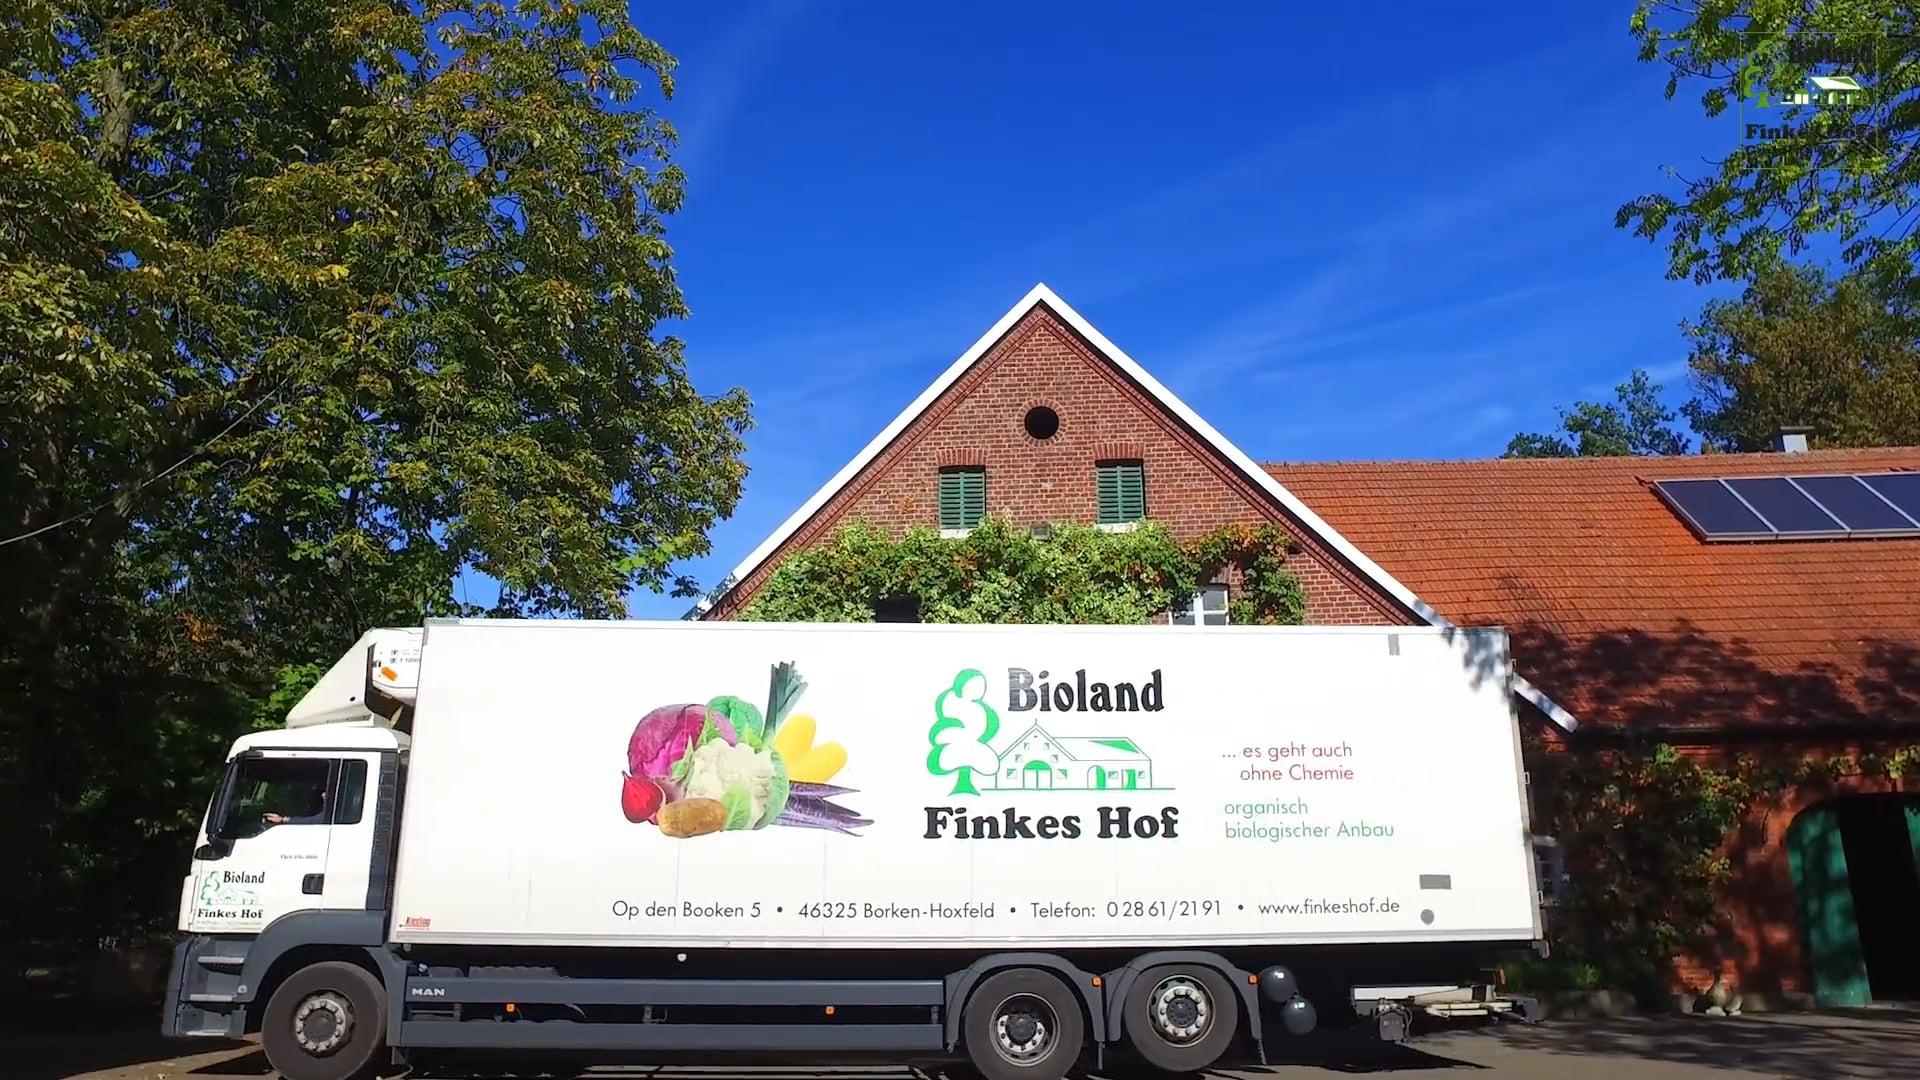 Bioland - Finkes Hof   Ökologisches Gemüse aus dem Münsterland